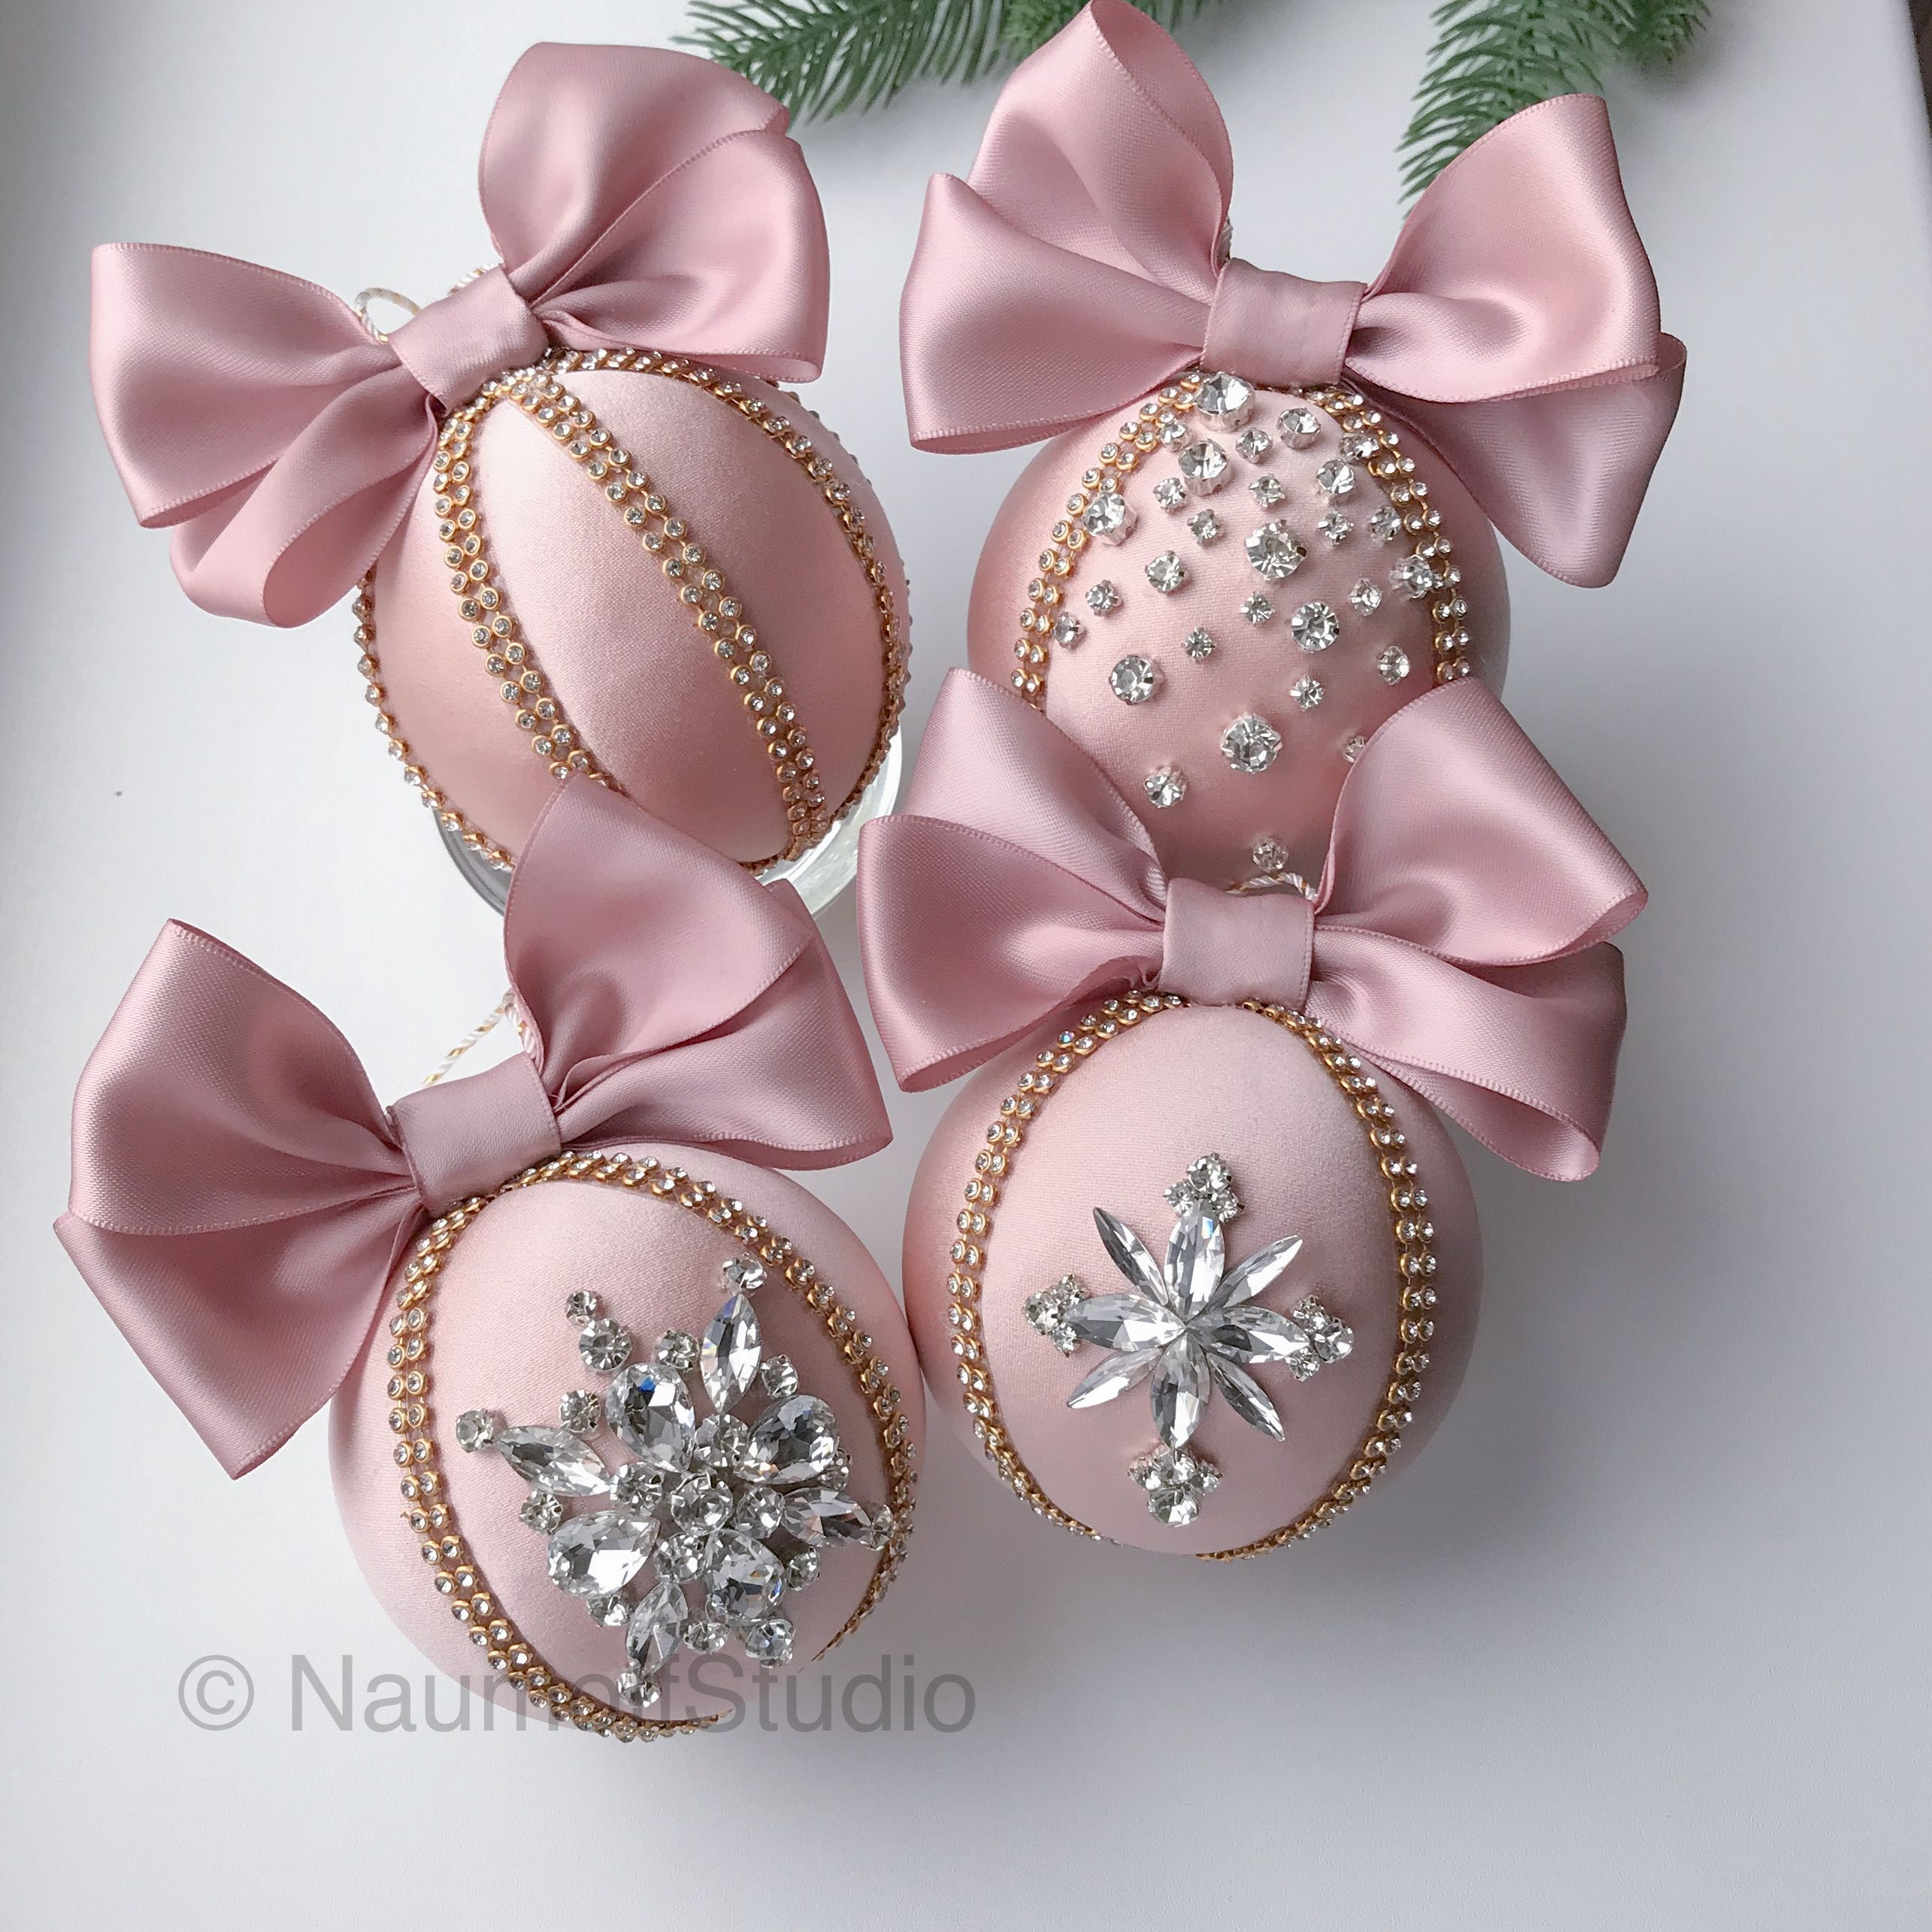 Christmas Rhinestone Ornaments Blush Milkyway Ornament Etsy Pink Christmas Ornaments Christmas Ornaments Christmas Ornament Sets